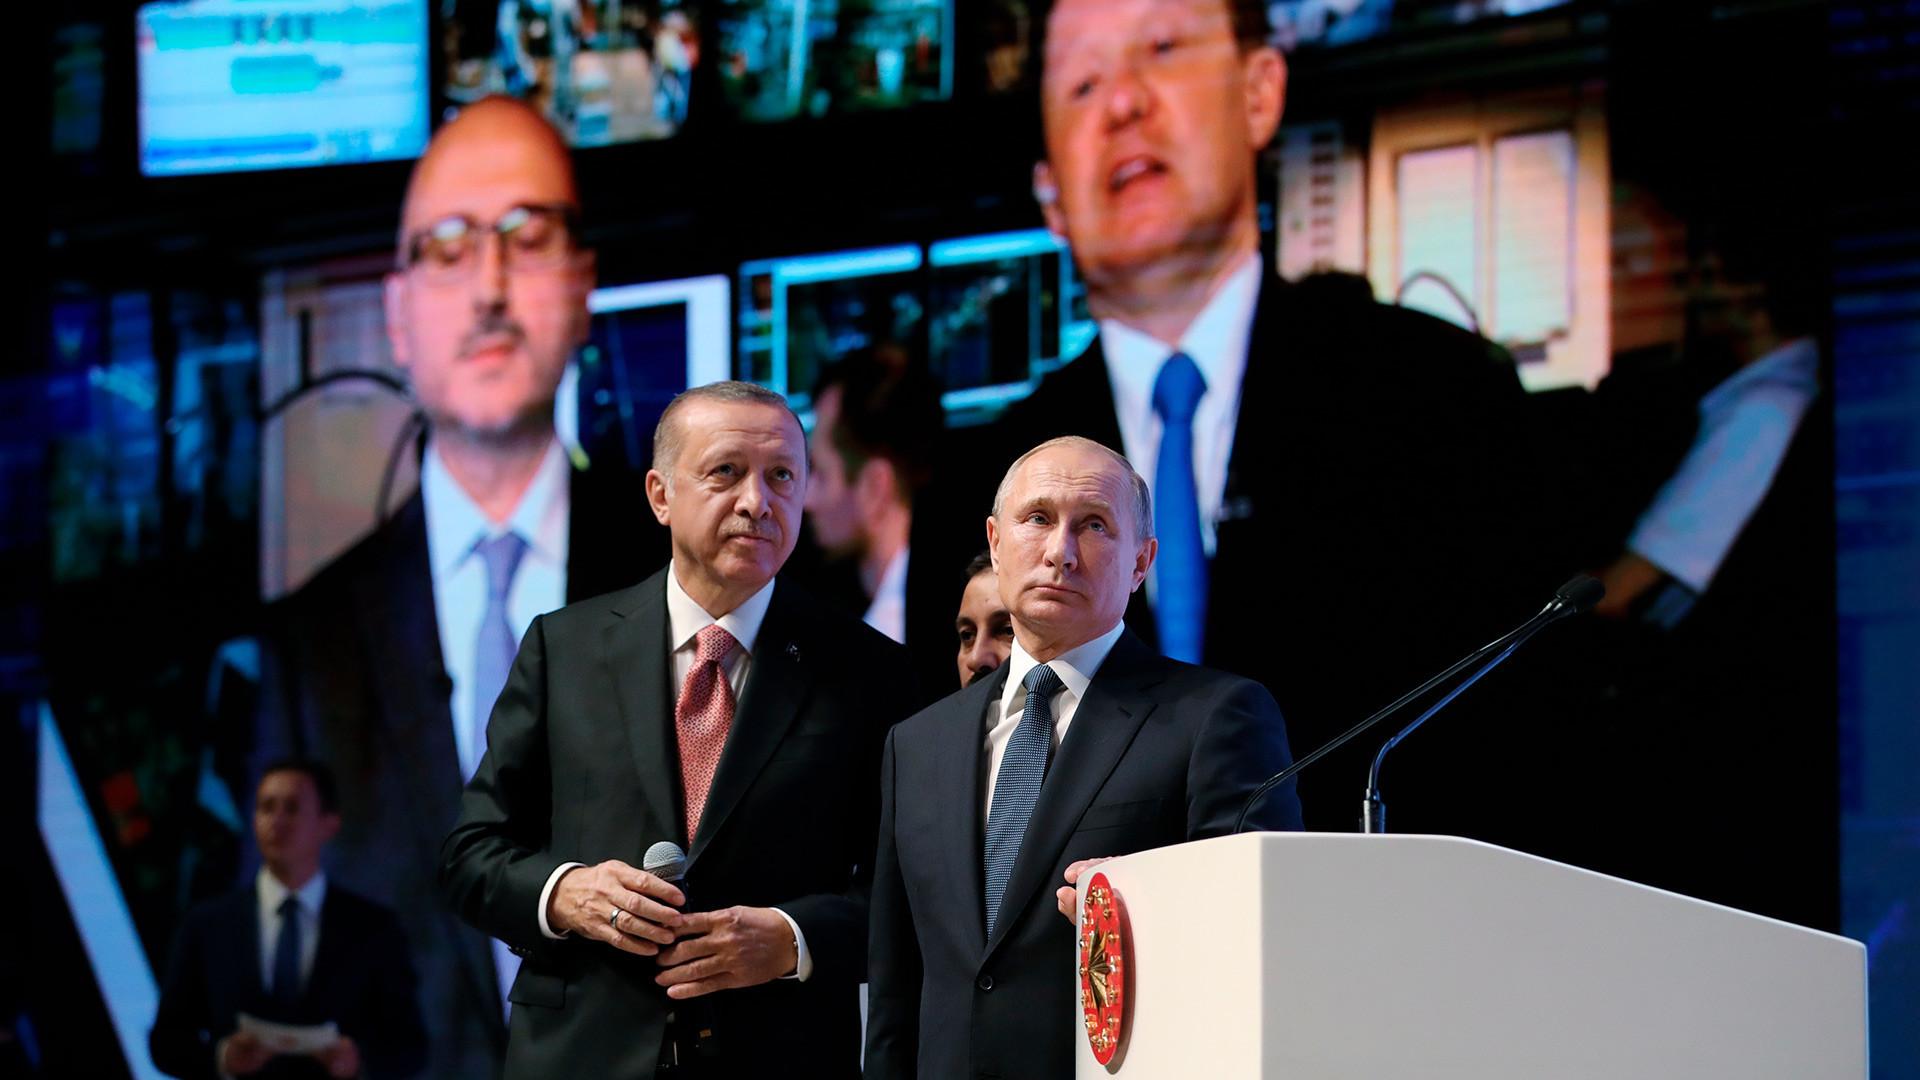 Претседателот на Русија Владимир Путин и претседателот на Турција Реџеп Таип Ердоган на церемонијата на завршувањето на поморската делница на гасоводот Турски тек. Во заднината е Алексеј Милер, шеф на компанијата Гаспром.